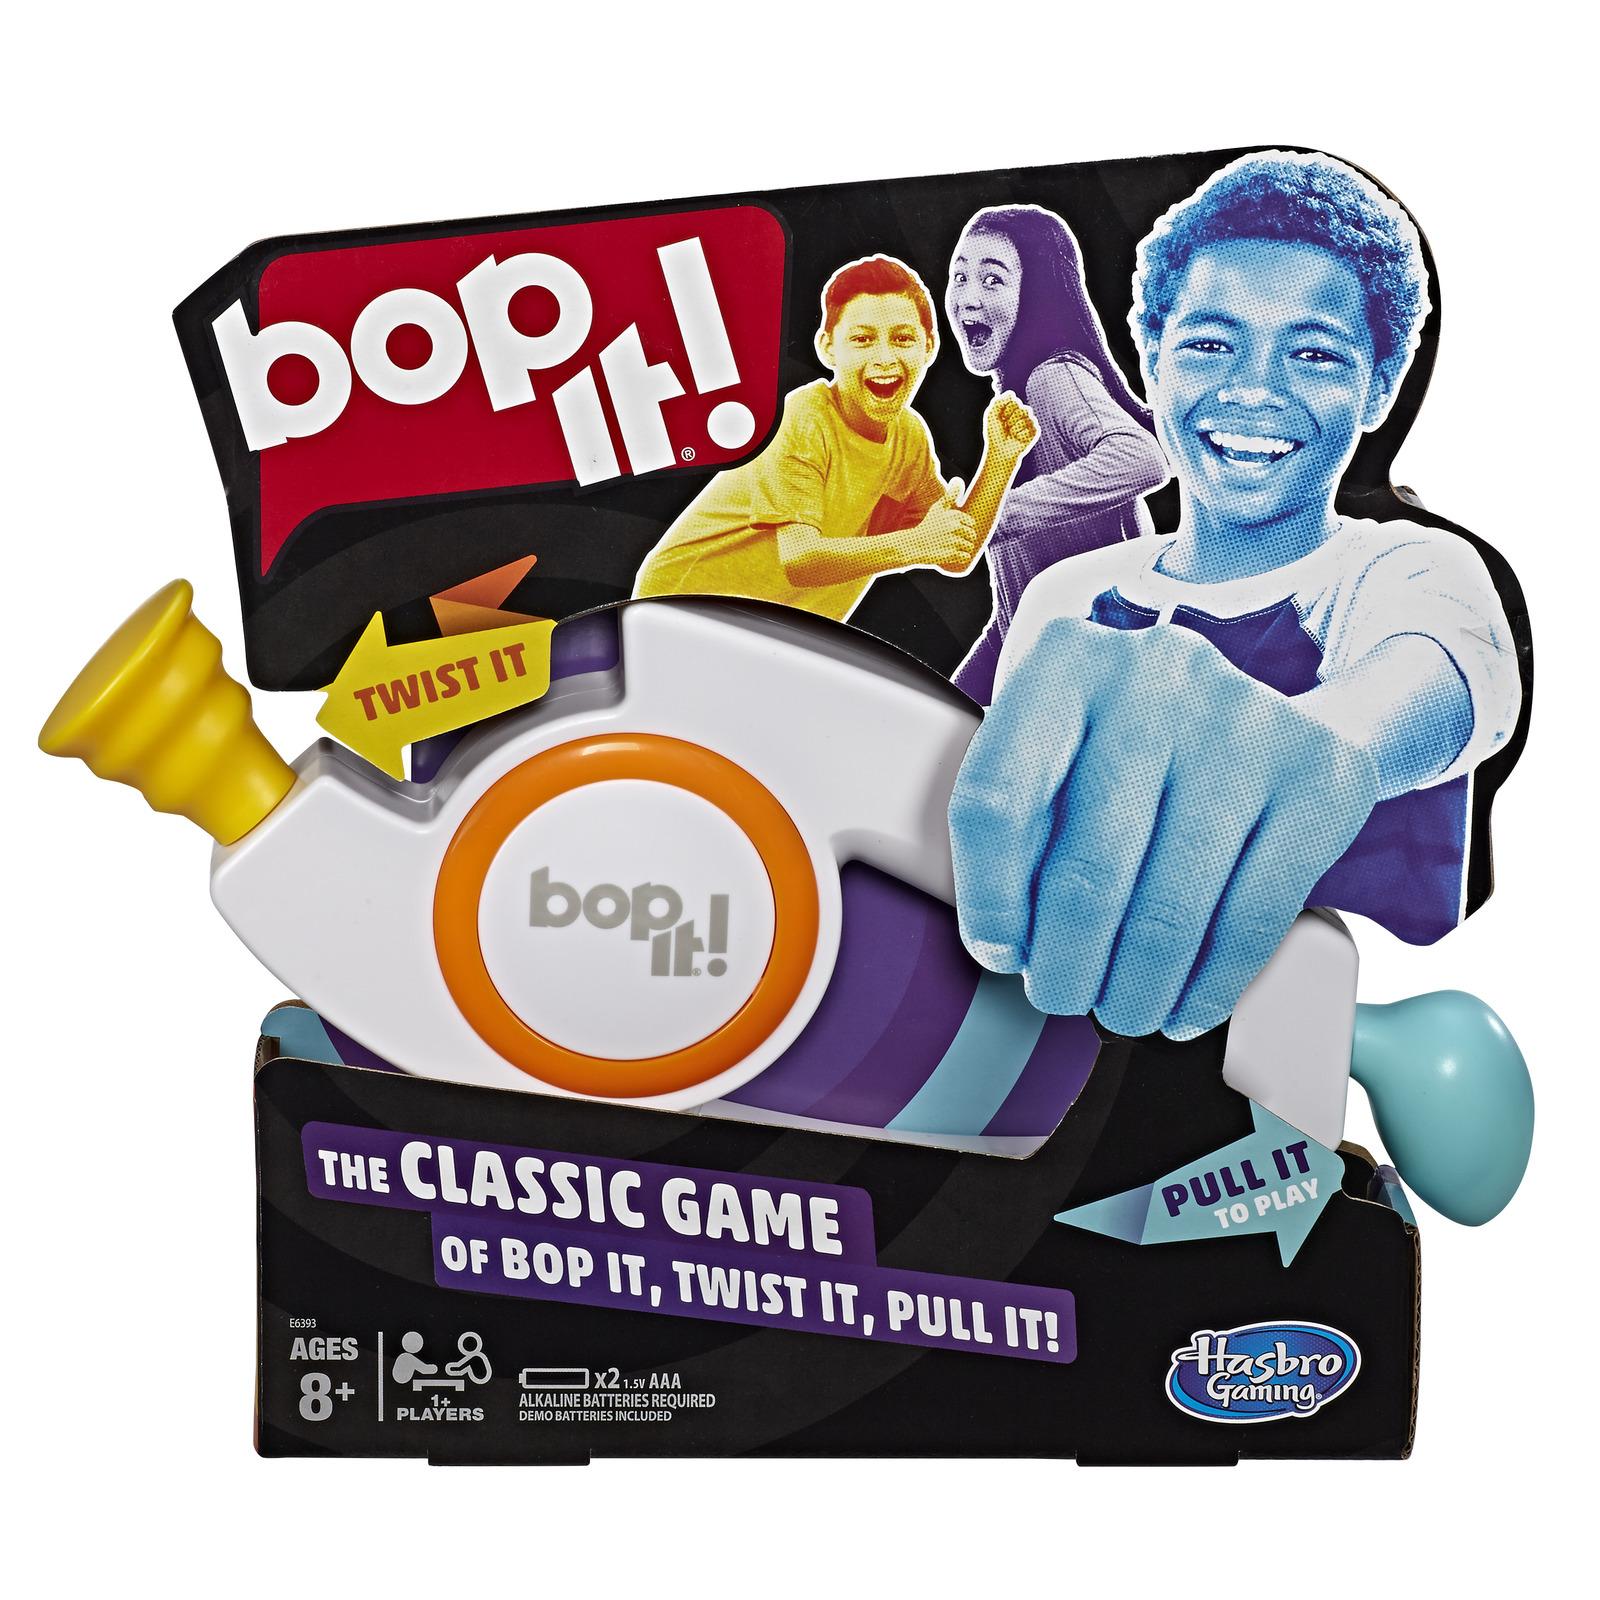 BOP IT! image